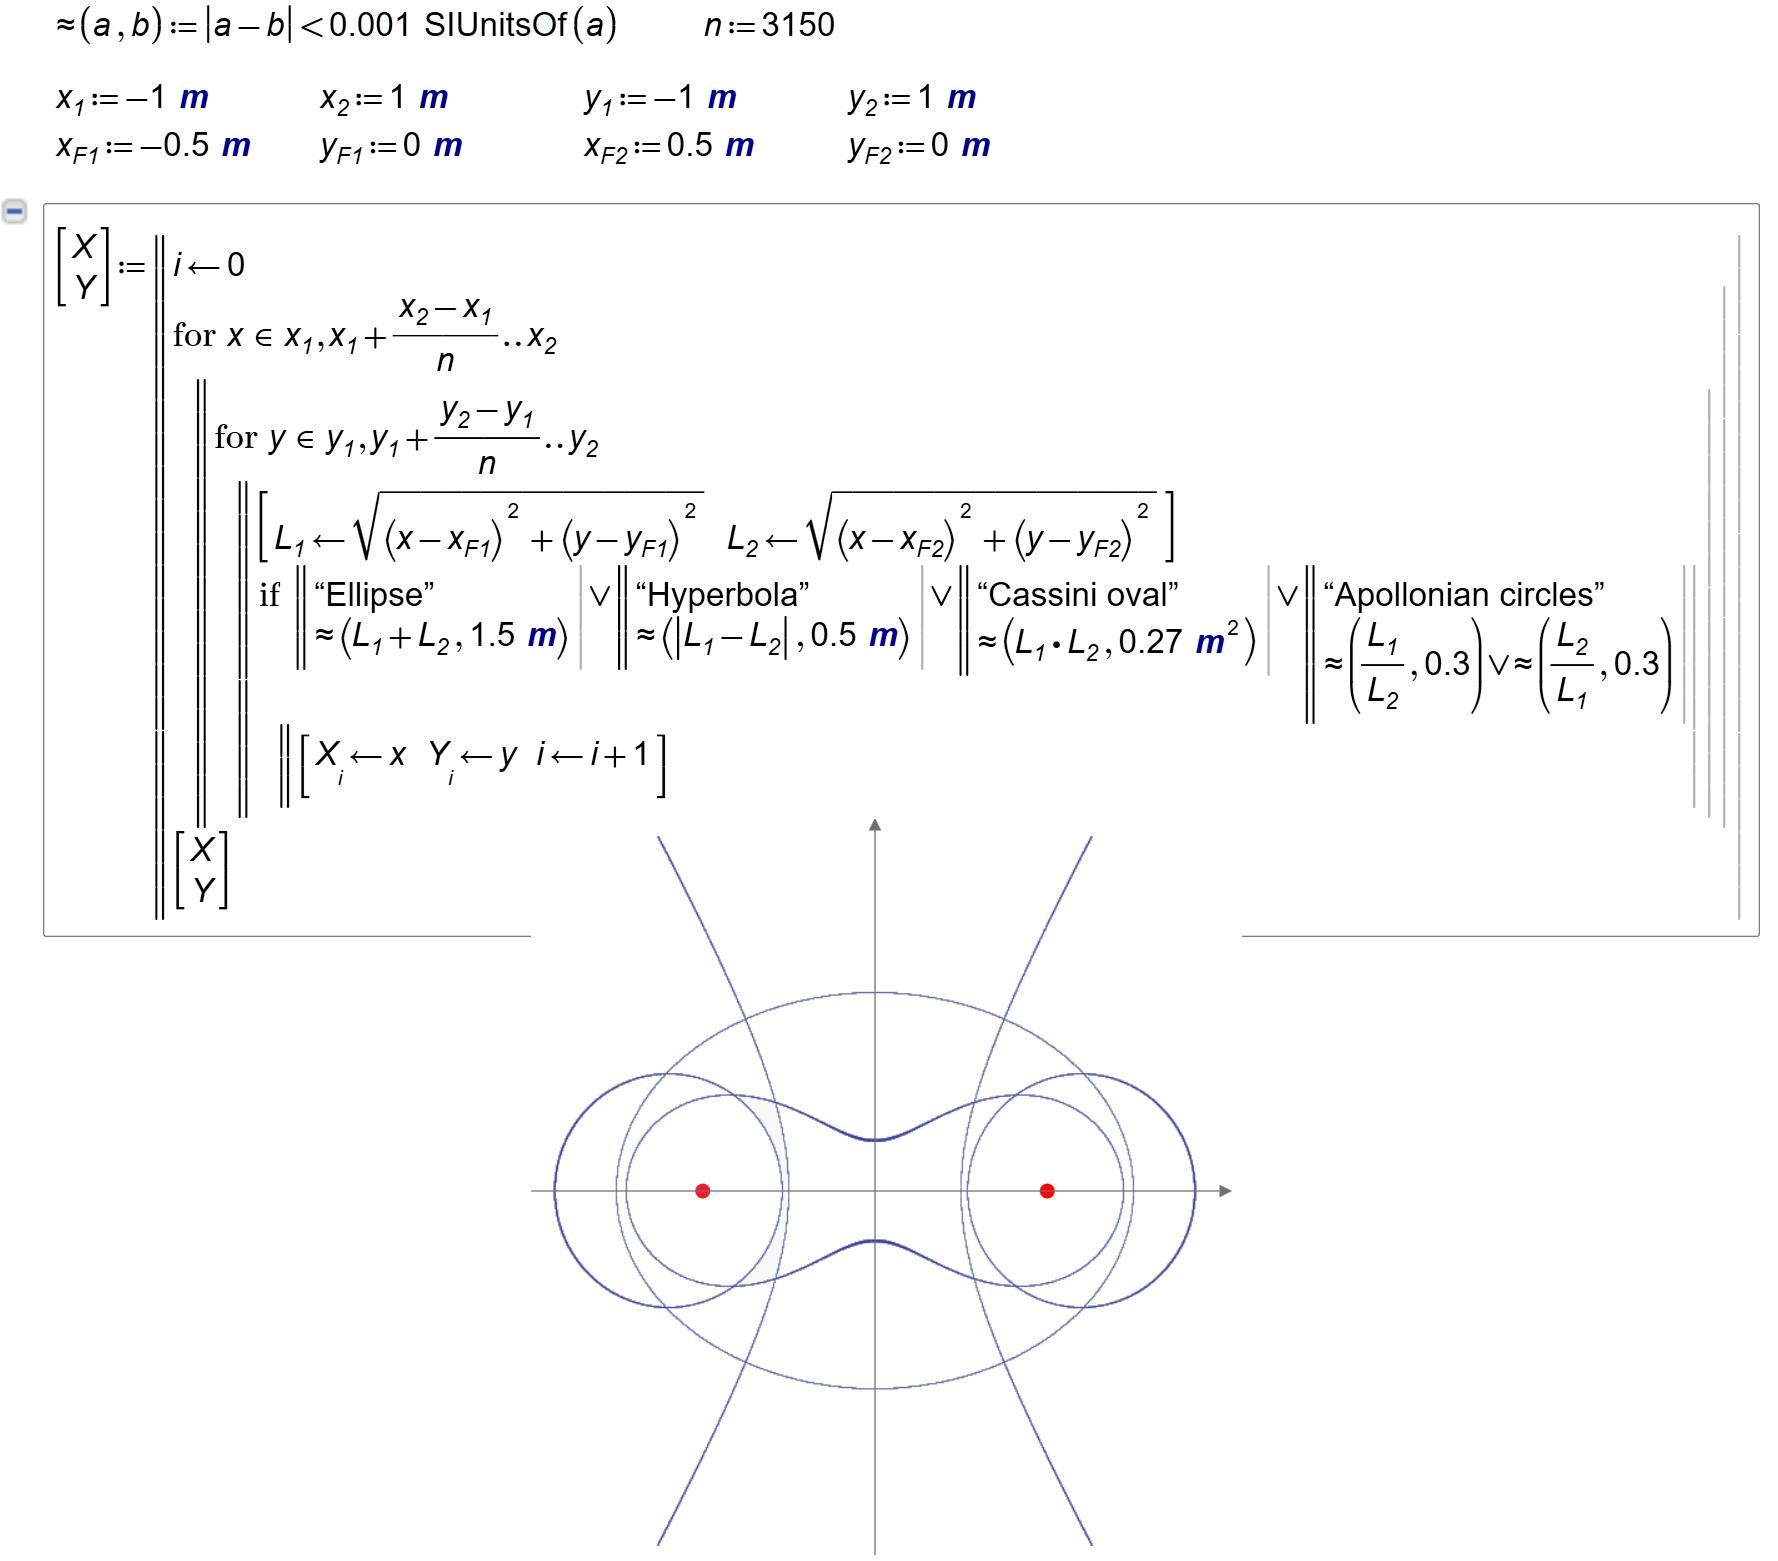 4-App-Cassini-hyperbola-ellipse.png